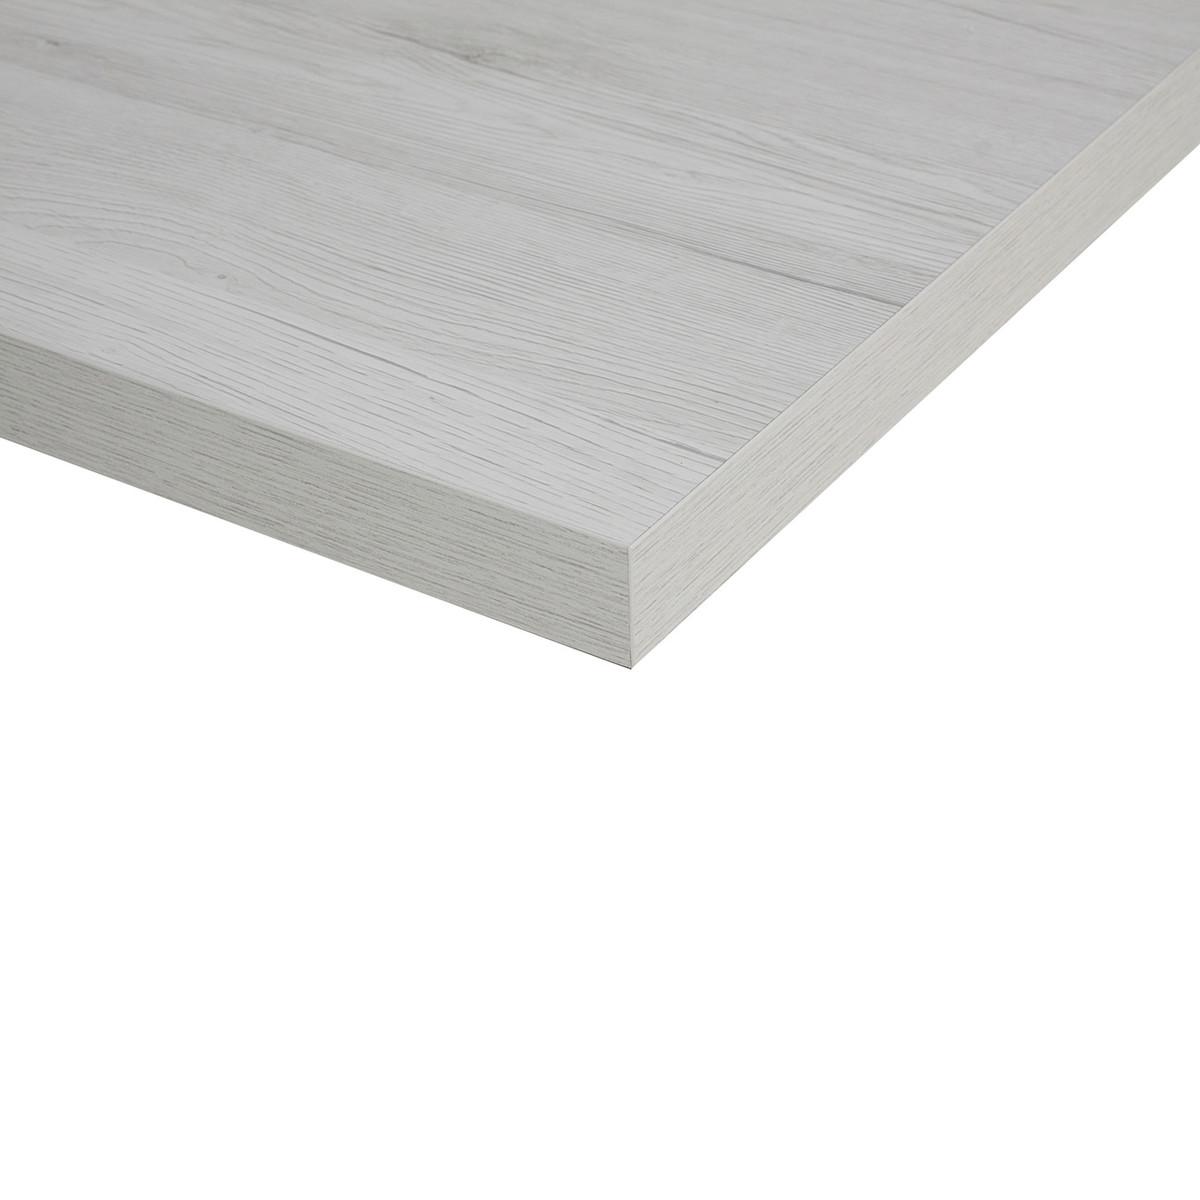 Piano cucina su misura laminato bianco rovere 6 cm prezzi for Piani tavolo leroy merlin